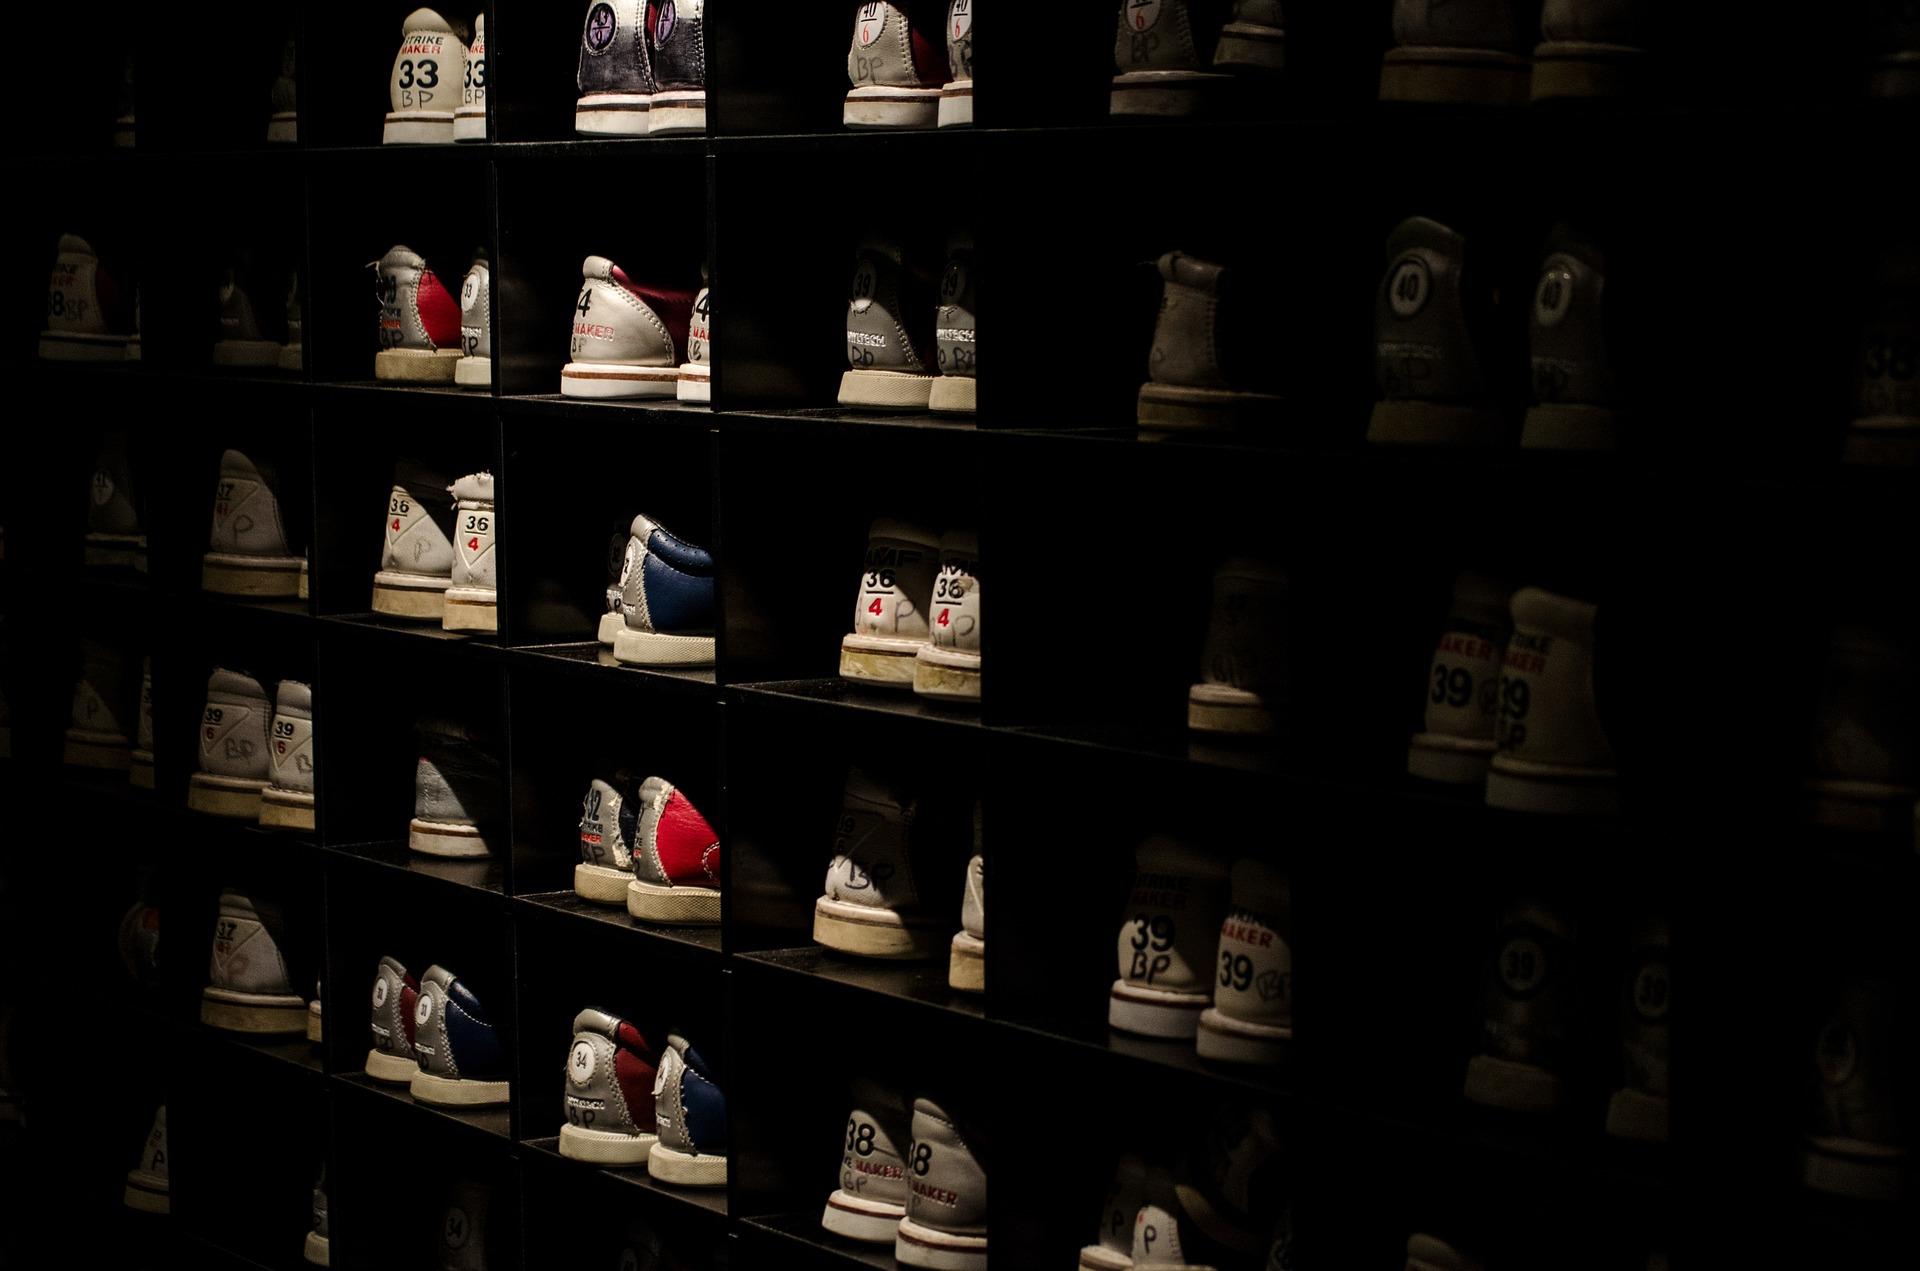 Conseils pour sélectionner un rangement à chaussures décoratif